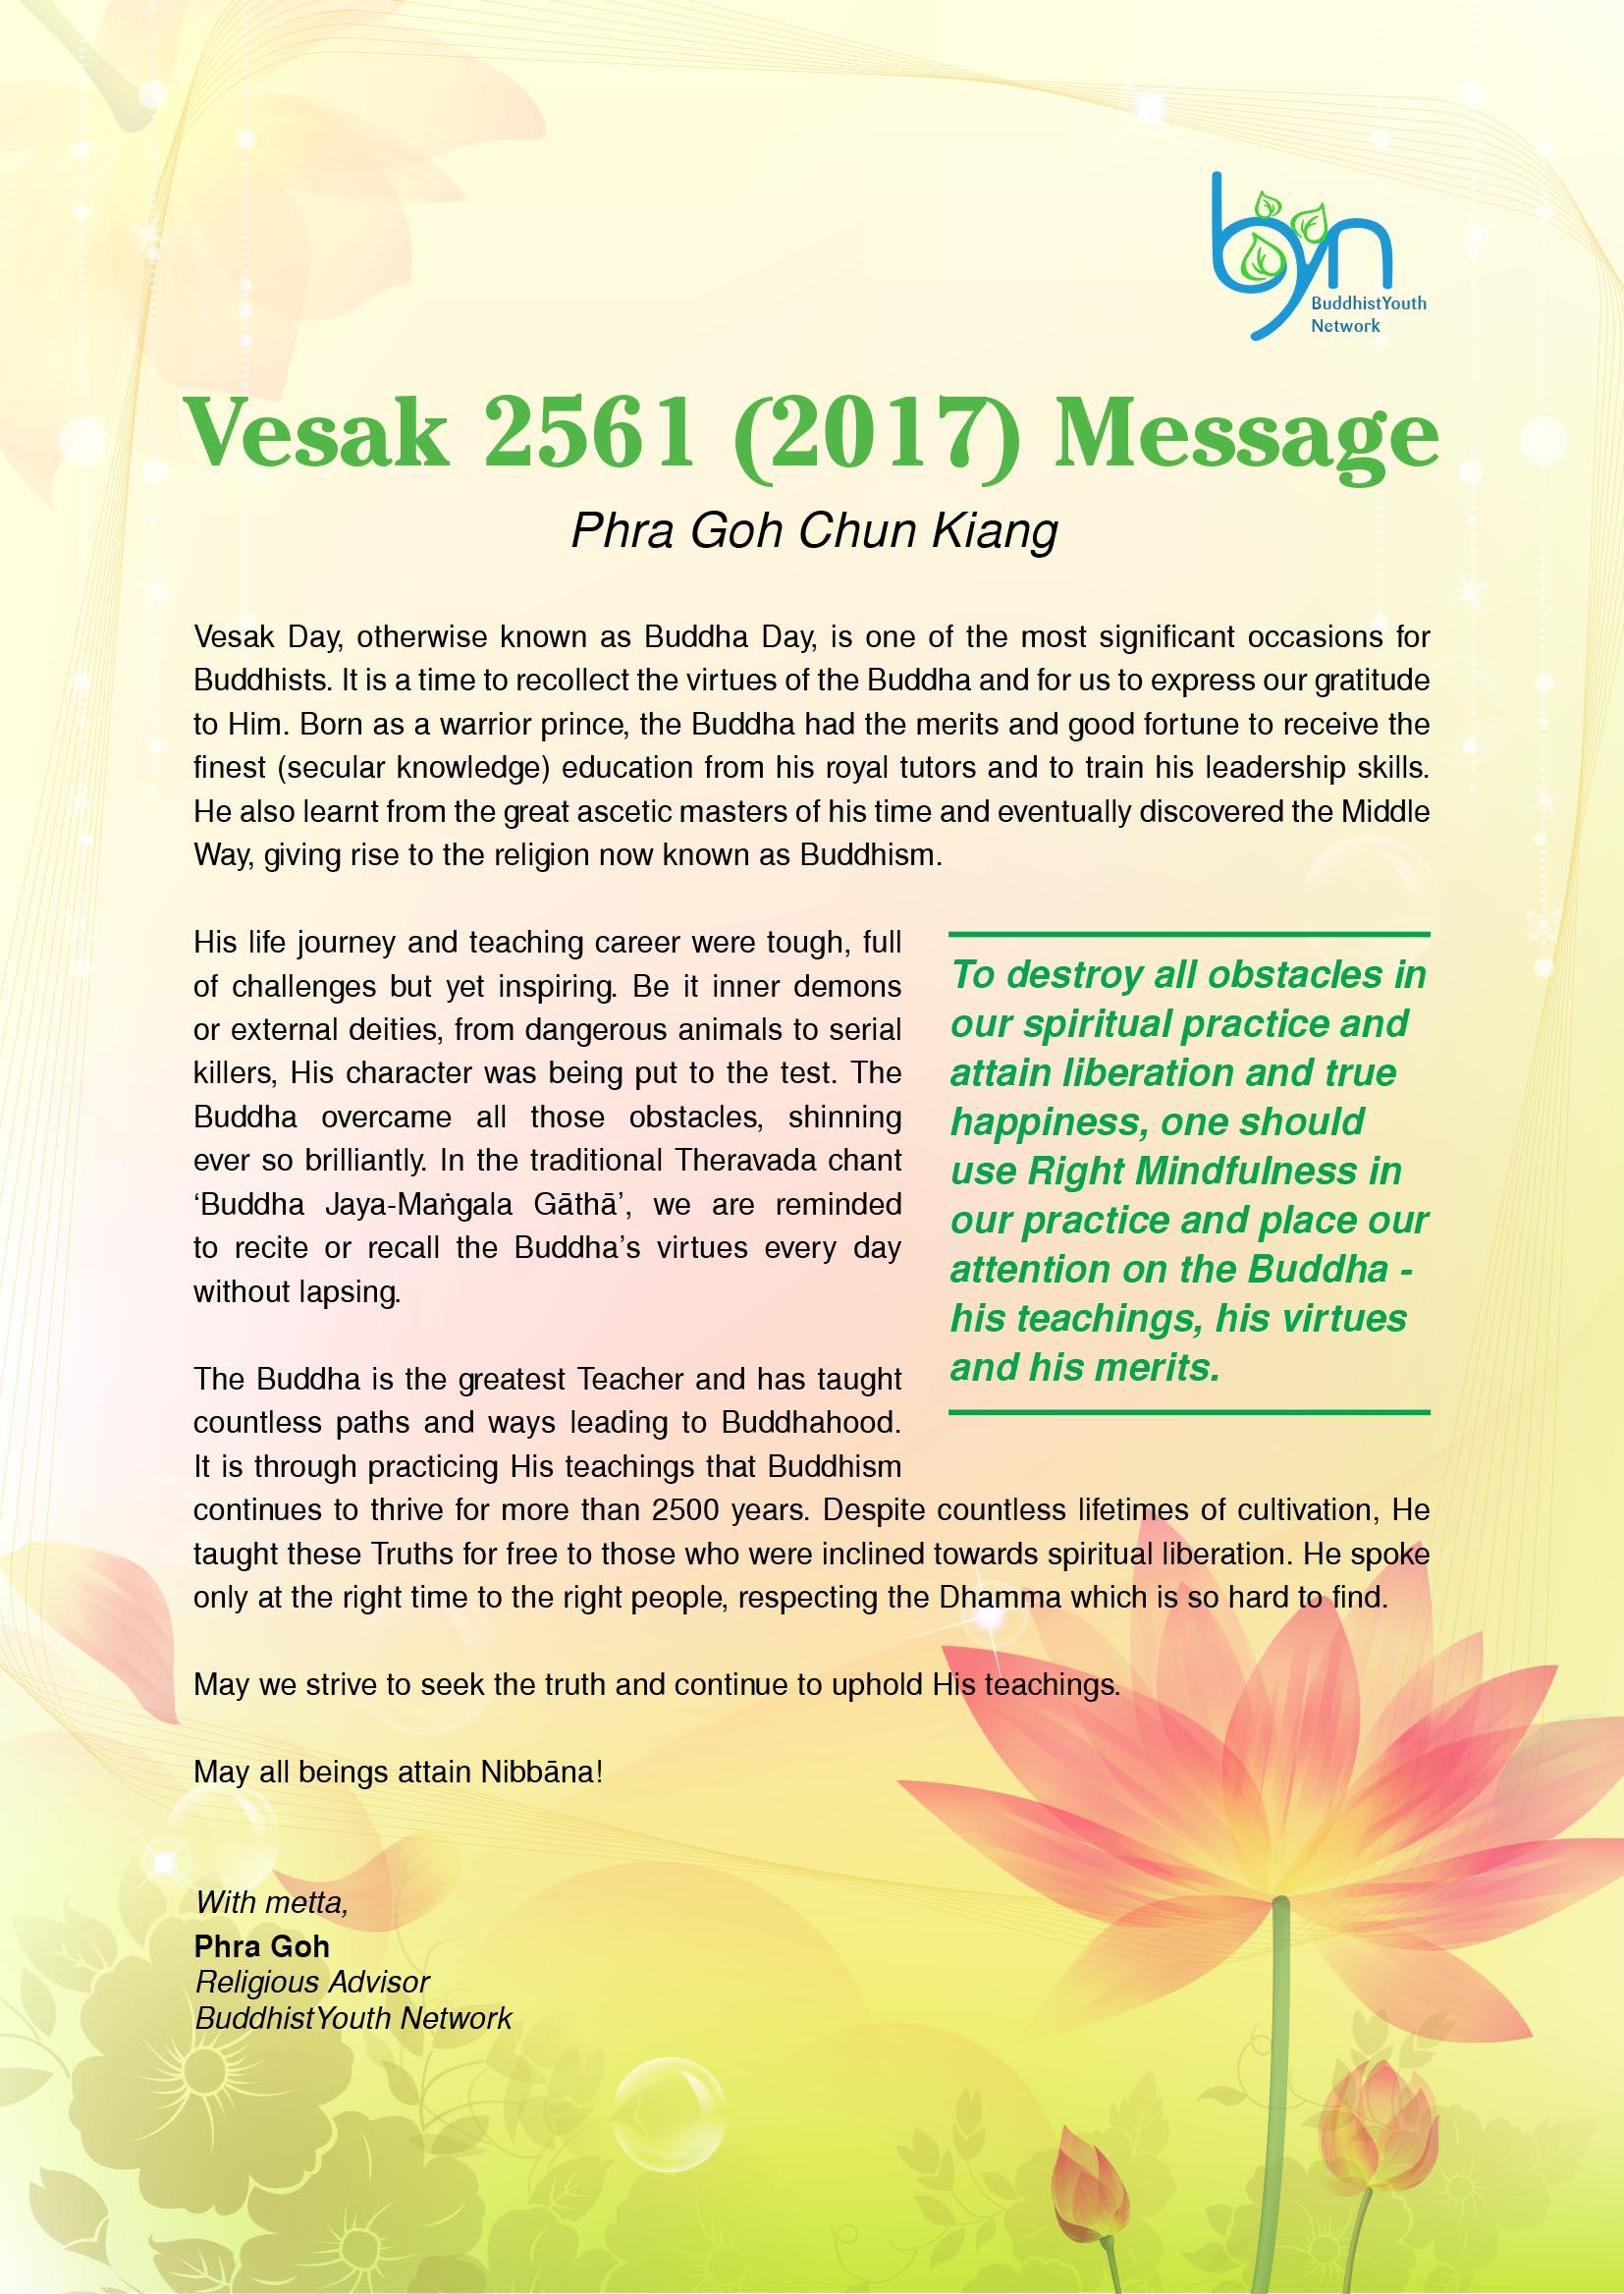 Happy Vesak 2561 (2017) – BuddhistYouth Network